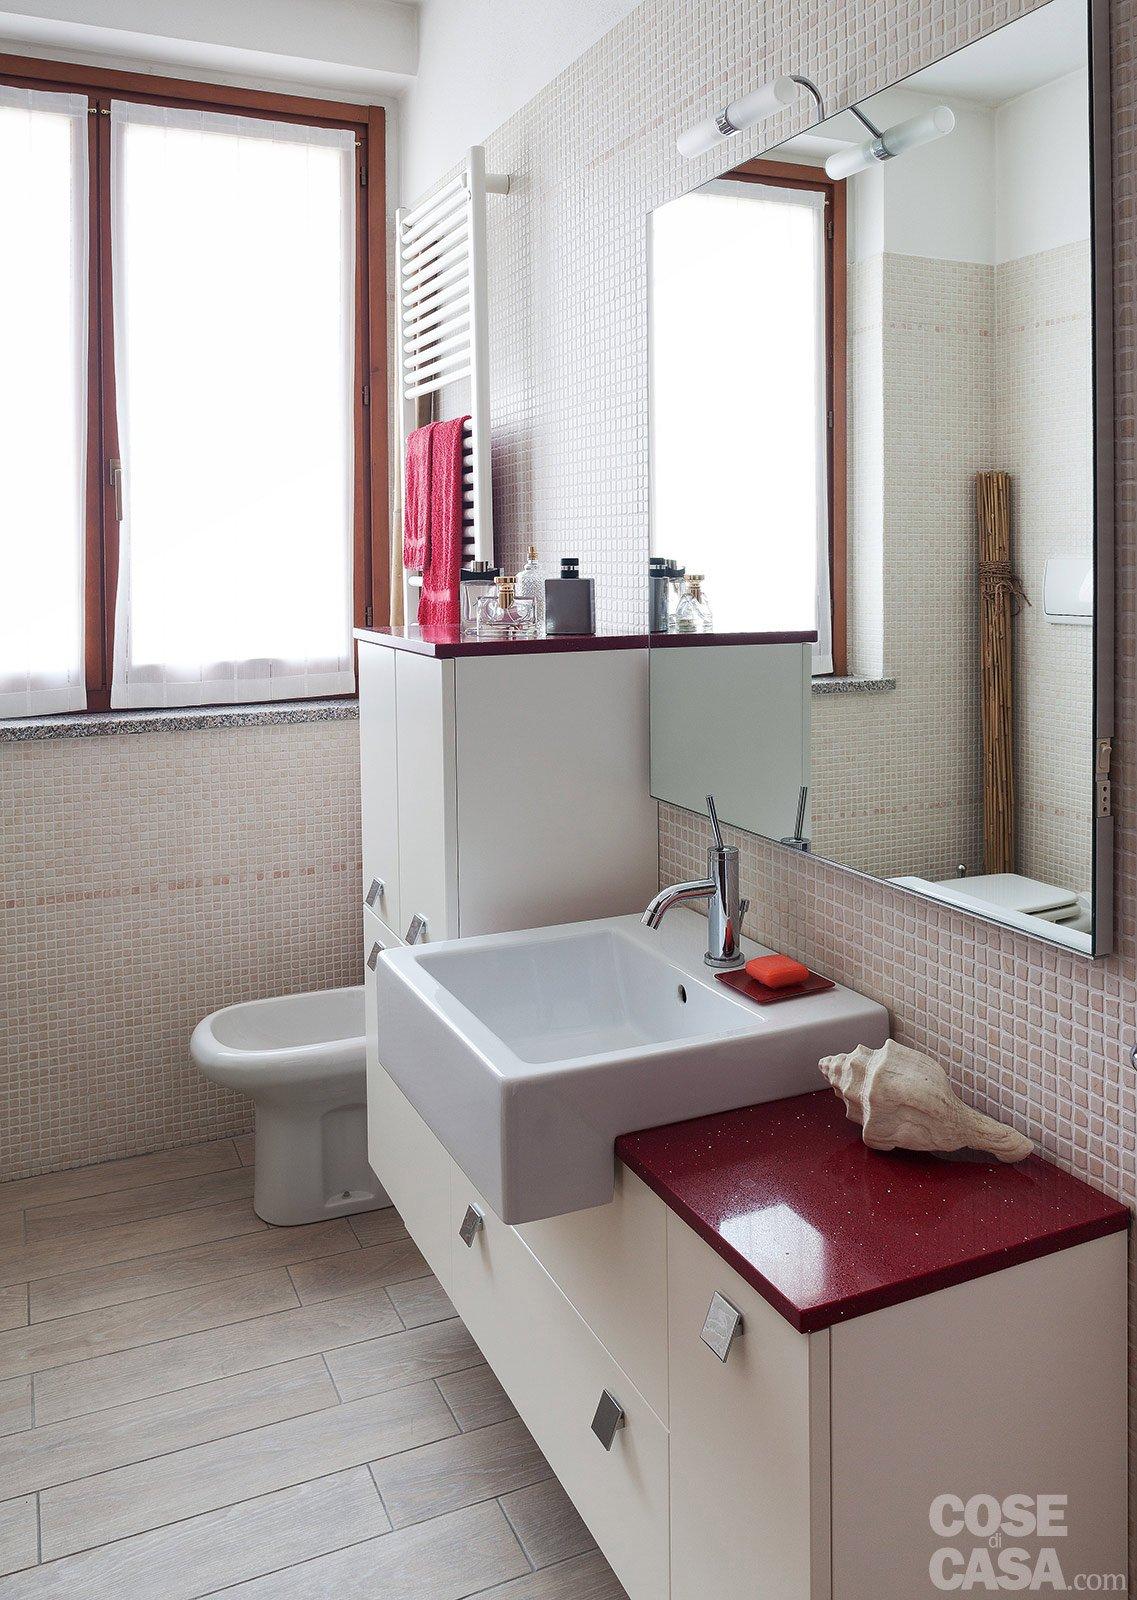 Una casa formato famiglia cose di casa - Piastrelle bianche bagno ...